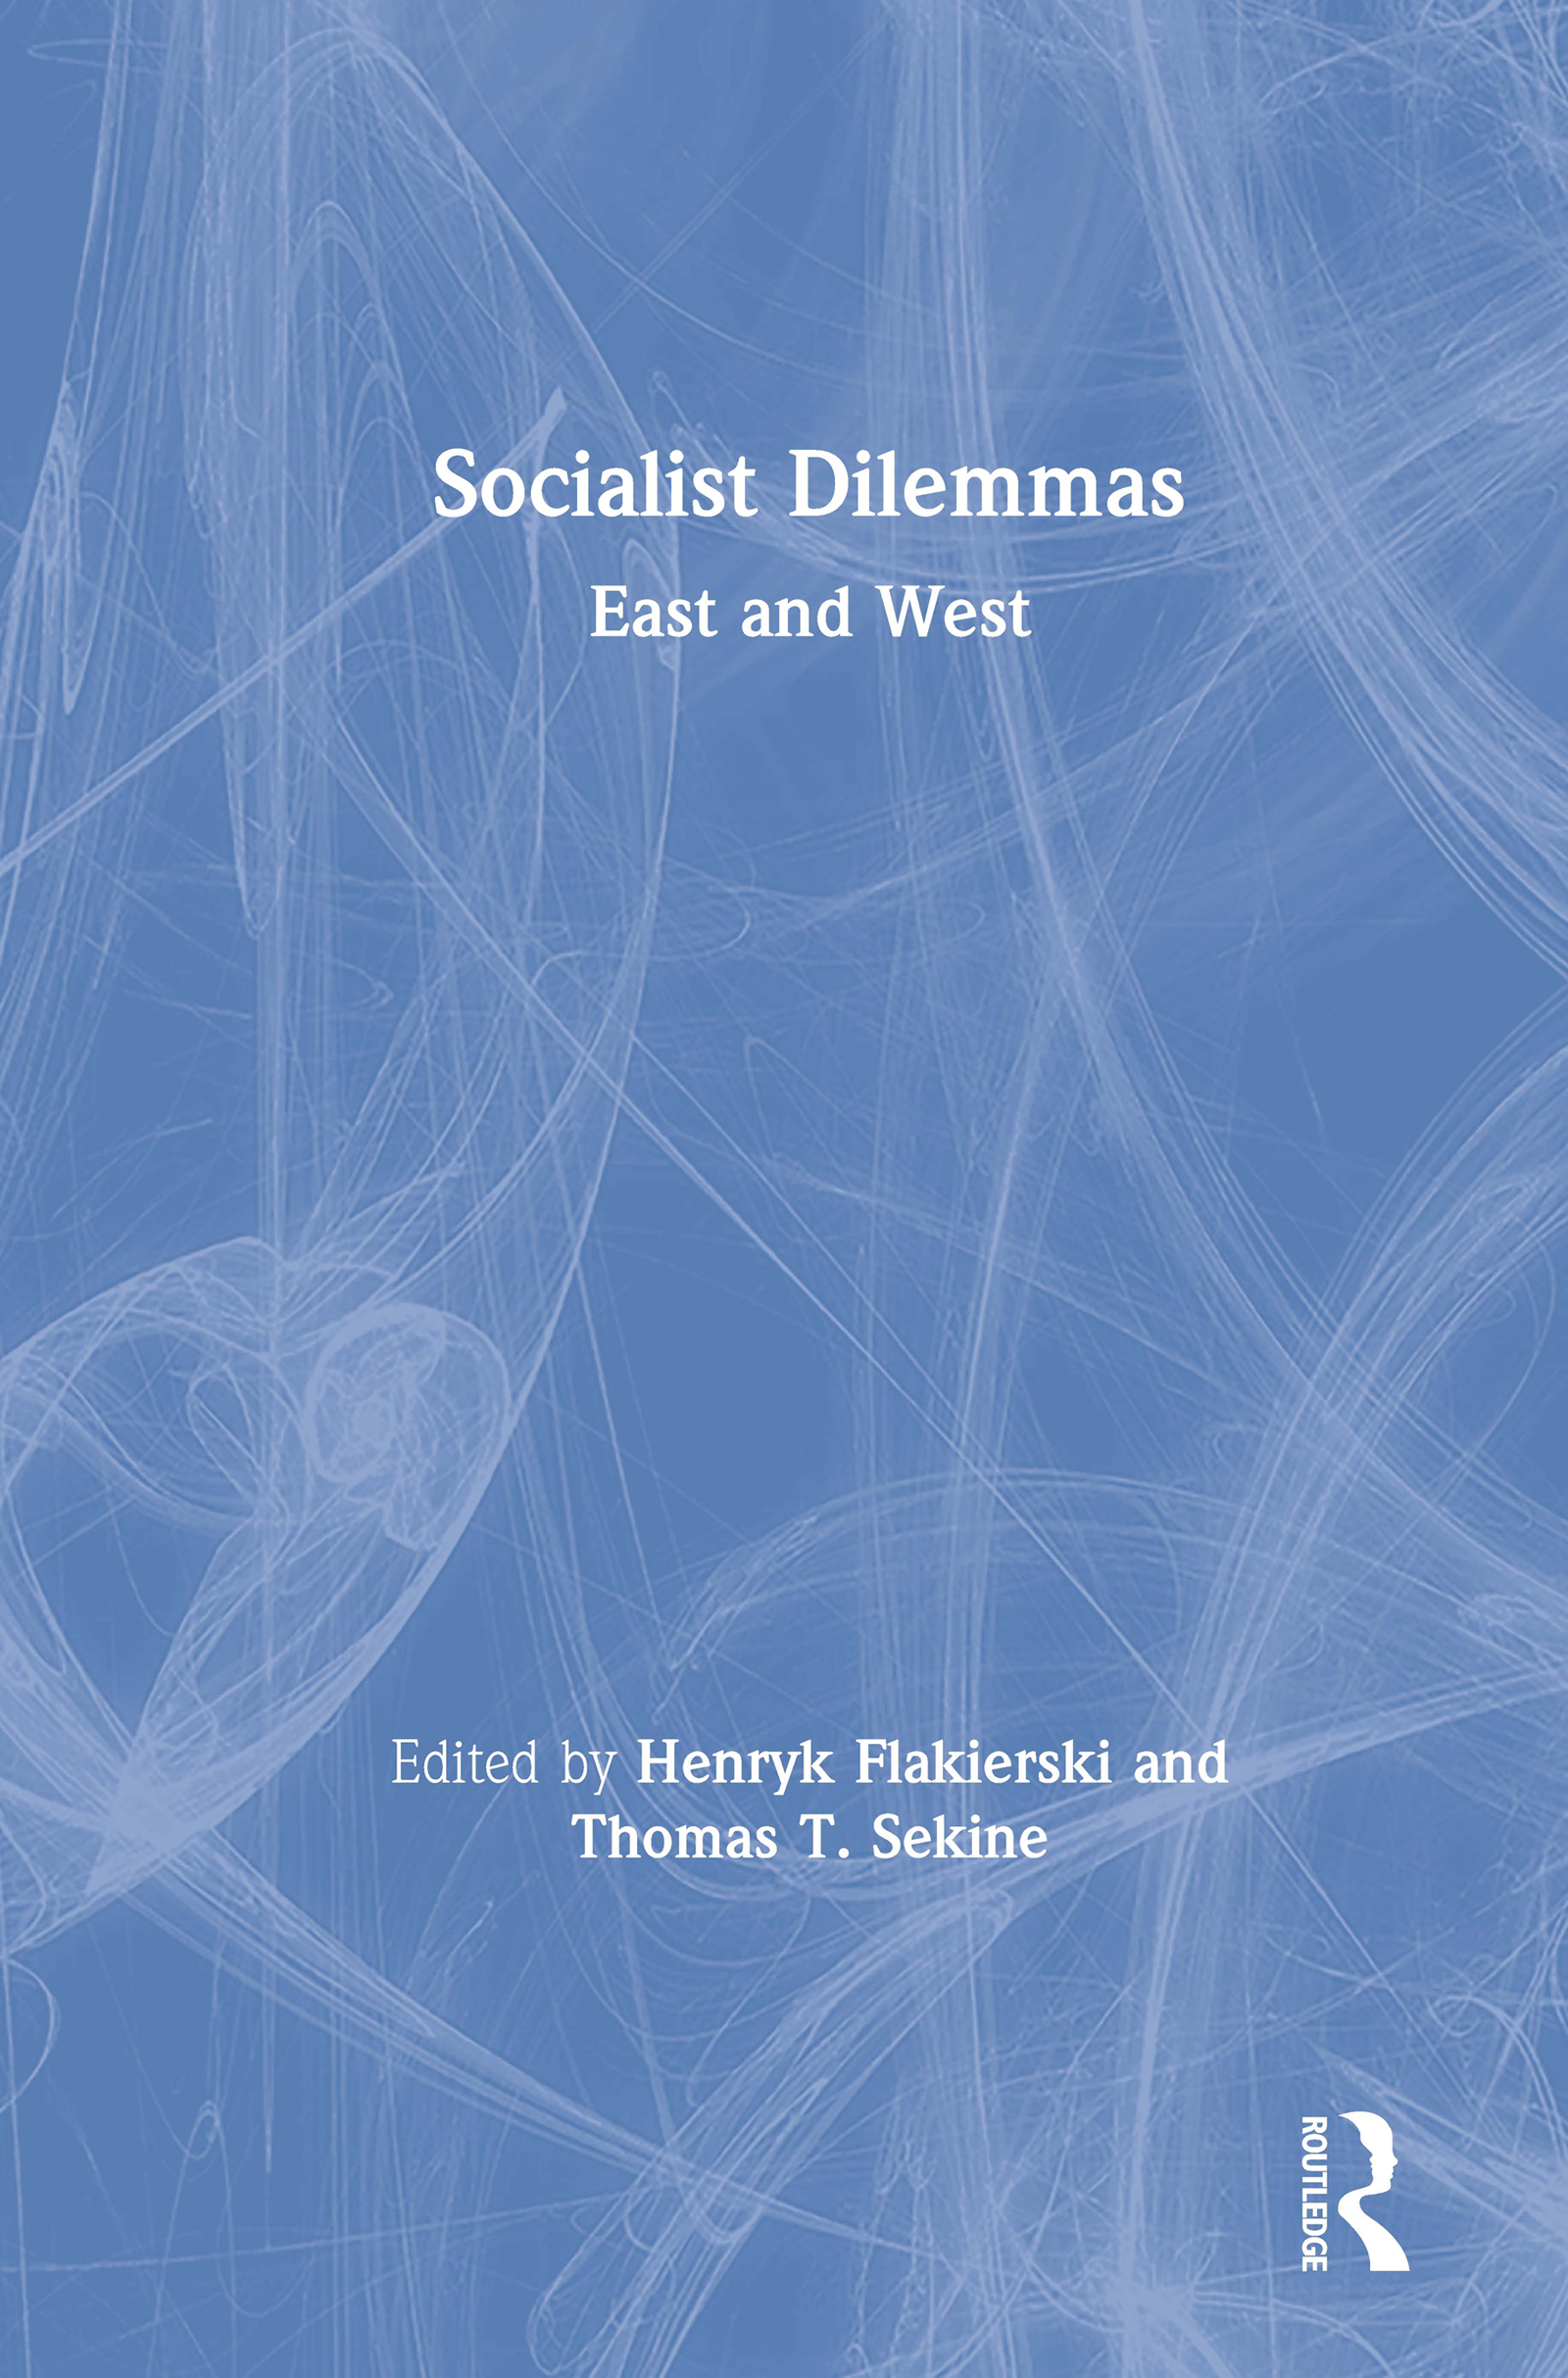 Socialist Dilemmas